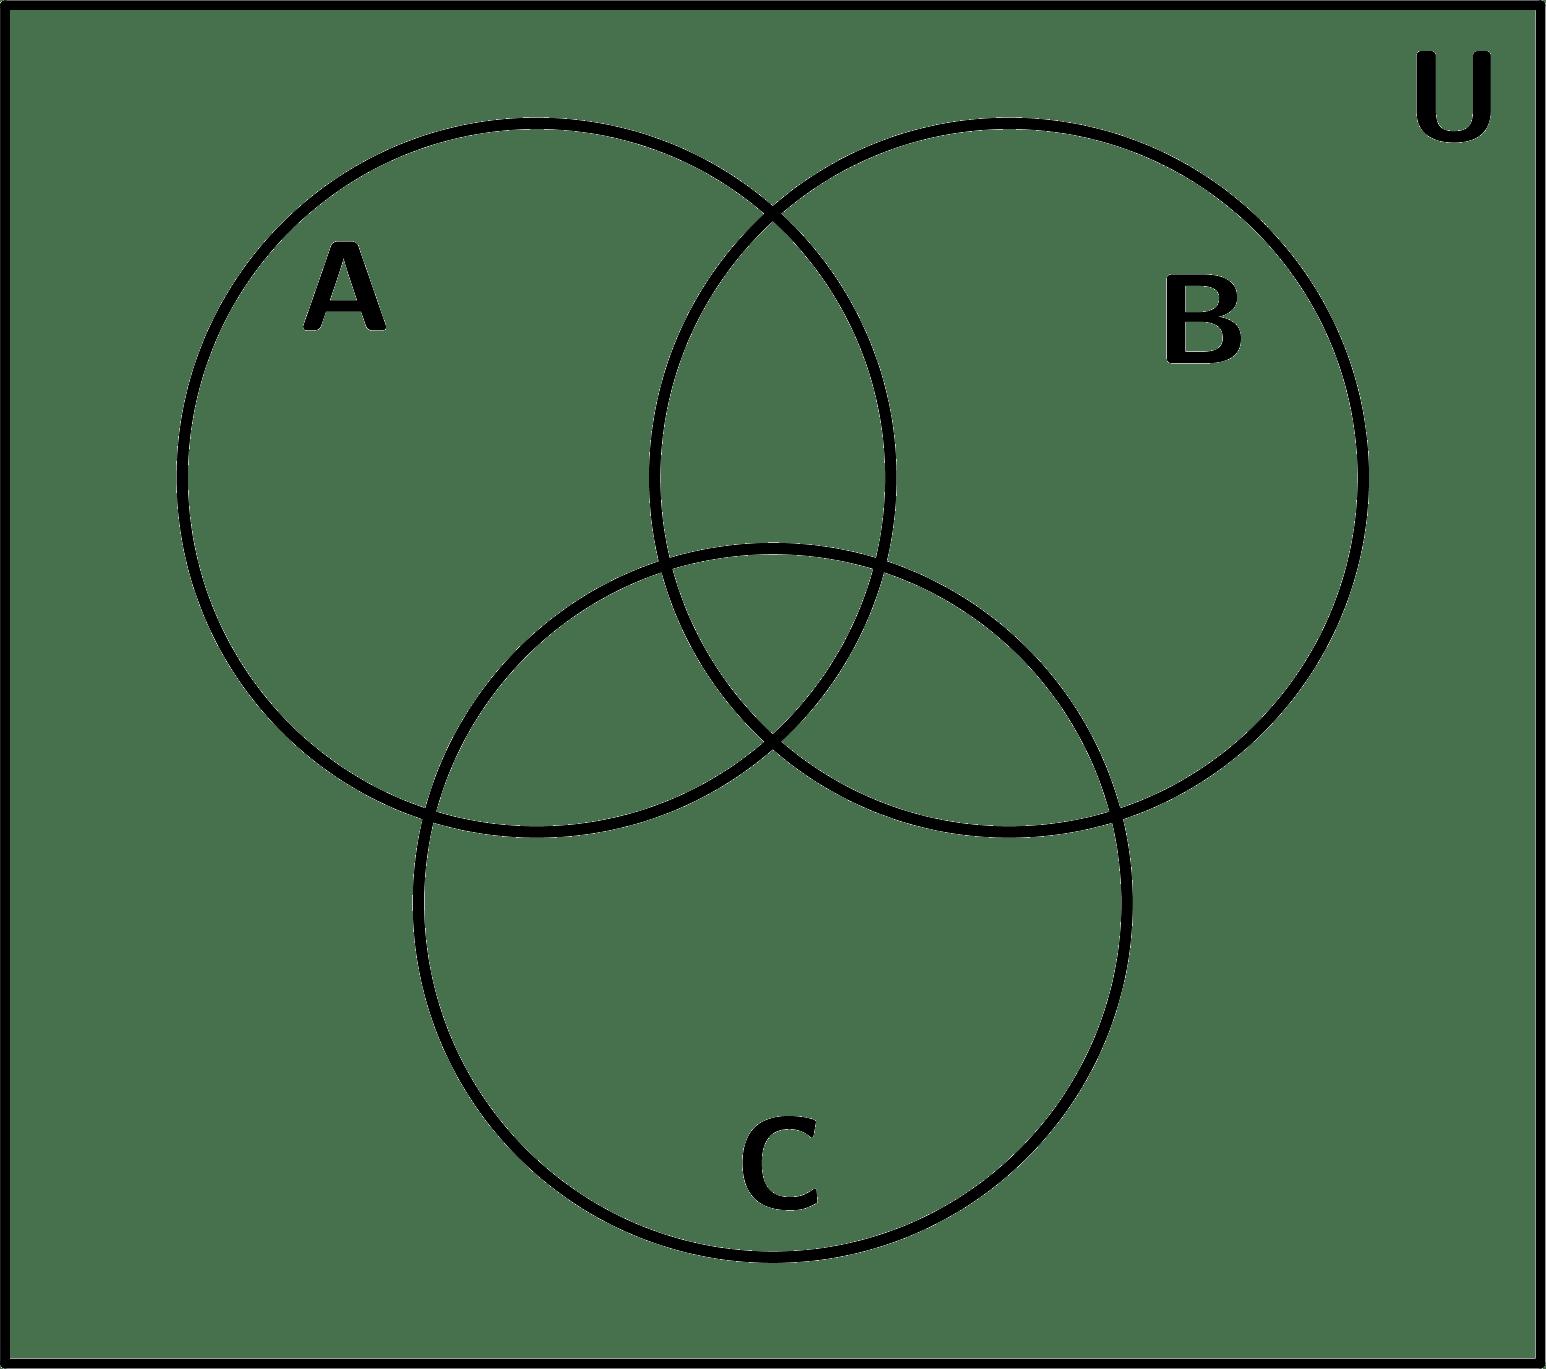 hight resolution of diagrama de venn base 1